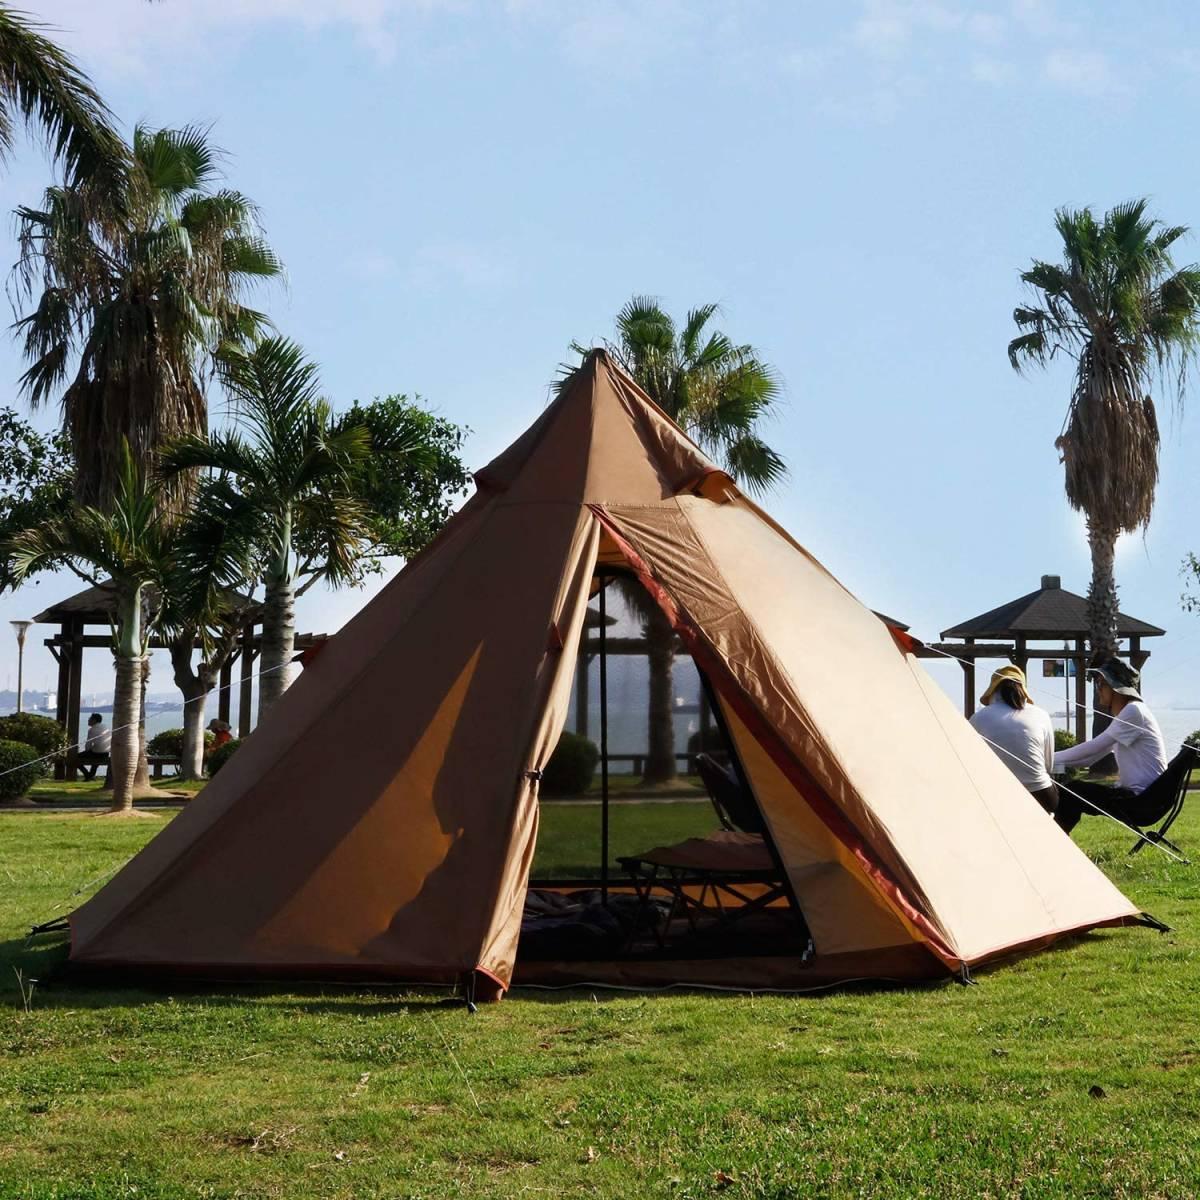 3人用 ワンポール テント 最大4人用 設営簡単 収納 コンパクト 軽量 ツーリング ソロ キャンプ